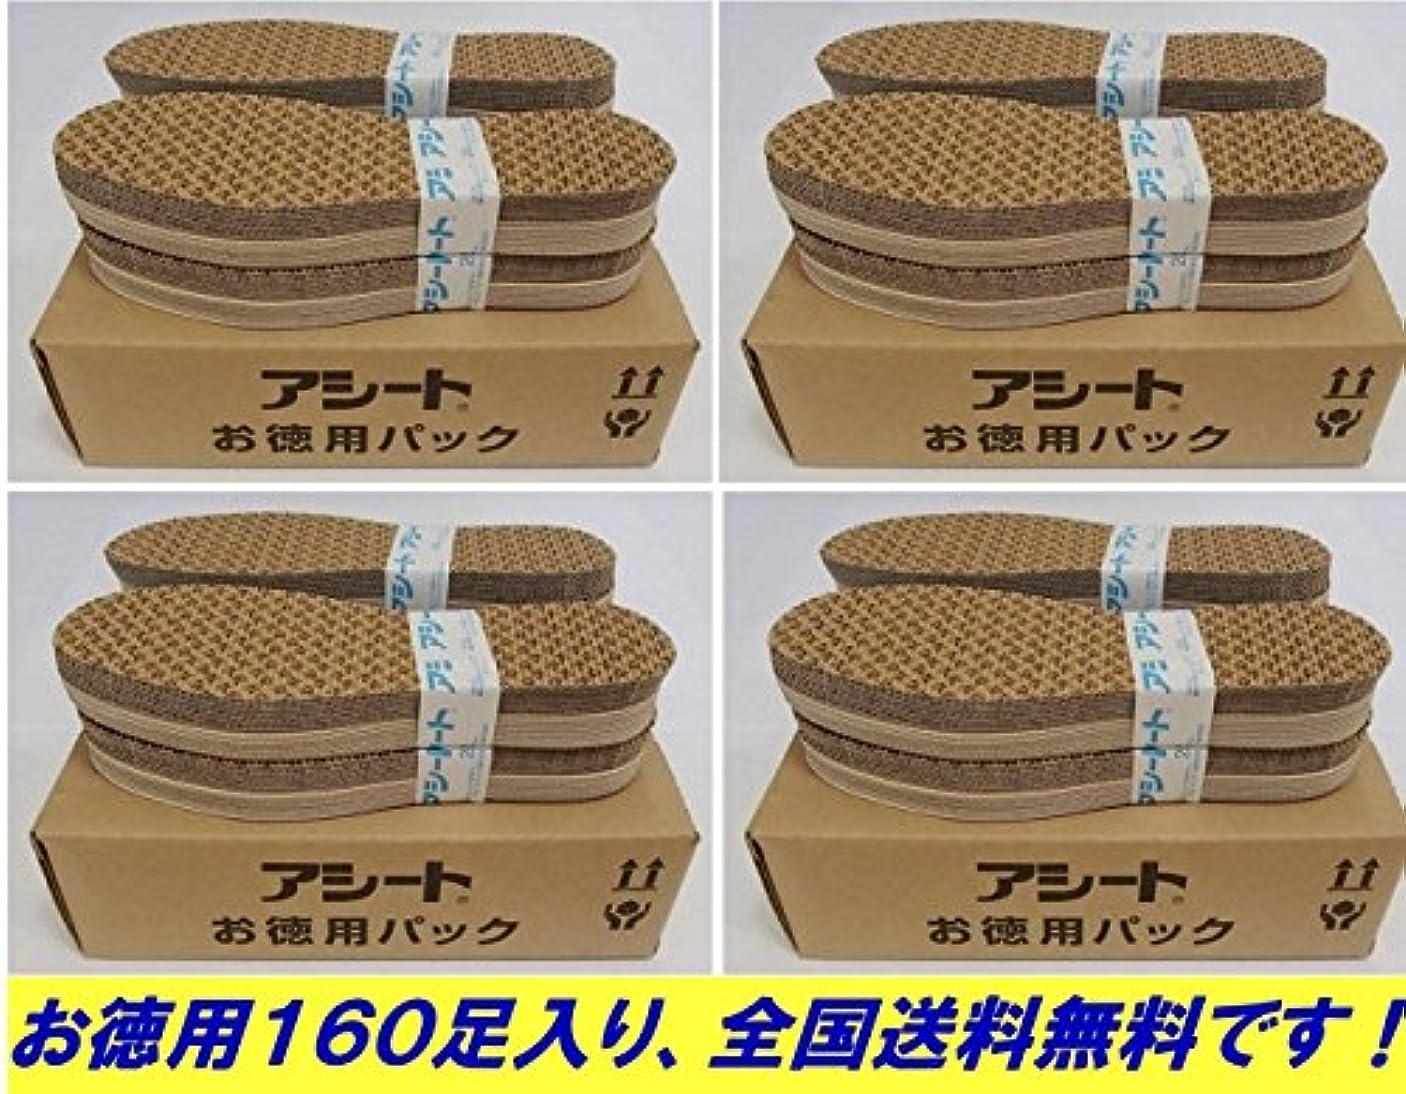 ジャンピングジャック子犬文明化アシートOタイプ40足入お徳用4パックの160足セット (22.5~23cm 女性靴用)